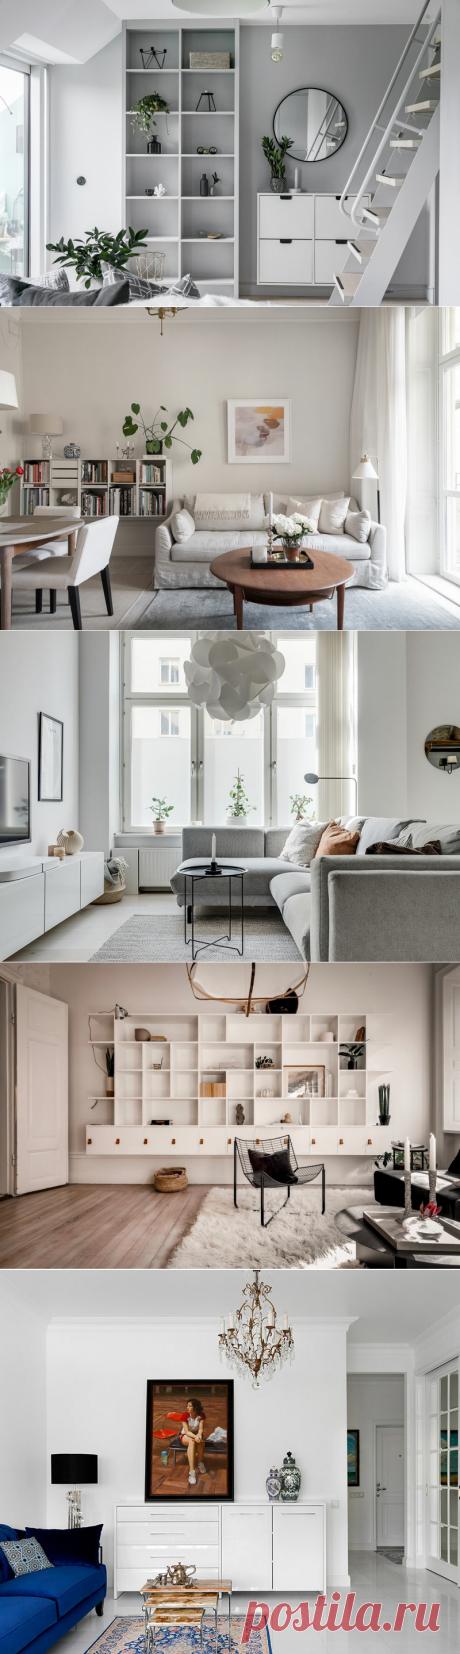 5 приемов, которыми я пользовалась для визуального увеличения пространства в квартире. | Неидеальный дом | Яндекс Дзен